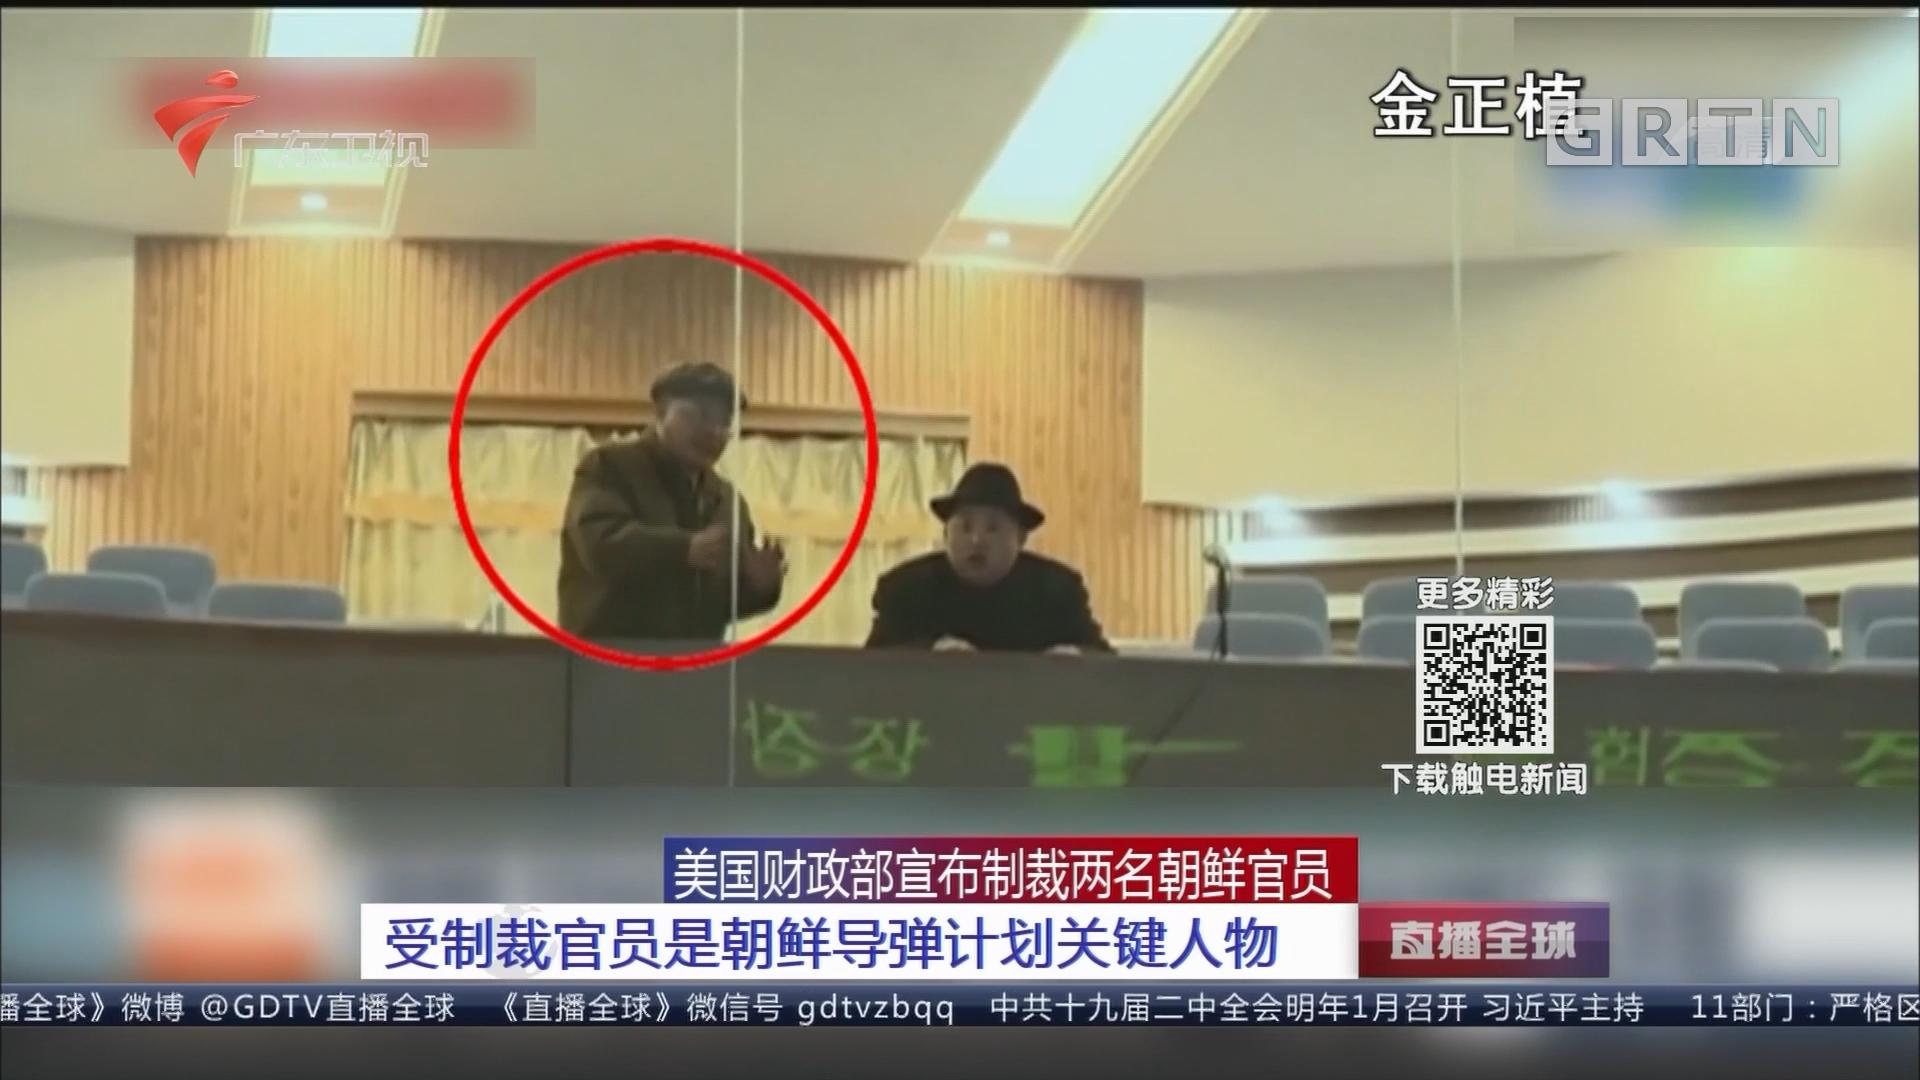 美国财政部宣布制裁两名朝鲜官员:受制裁官员是朝鲜导弹计划关键人物